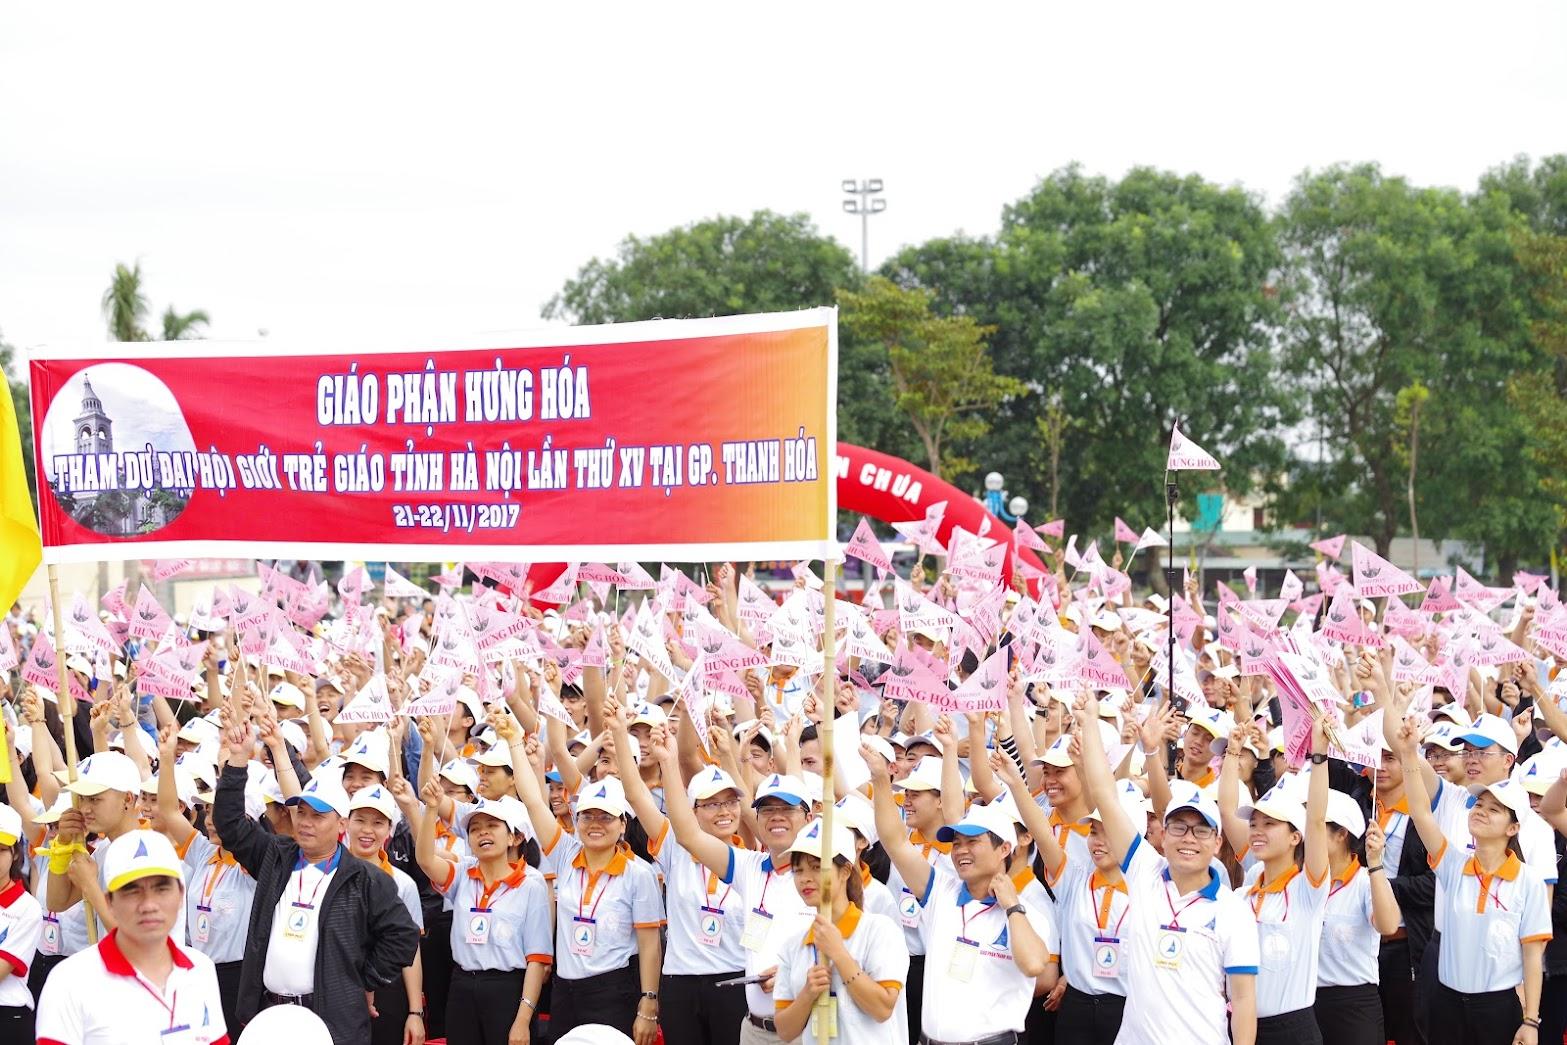 Những hình ảnh đẹp về lễ khai mạc Đại Hội Giới Trẻ giáo tỉnh Hà Nội lần thứ XV tại Thanh Hóa - Ảnh minh hoạ 6